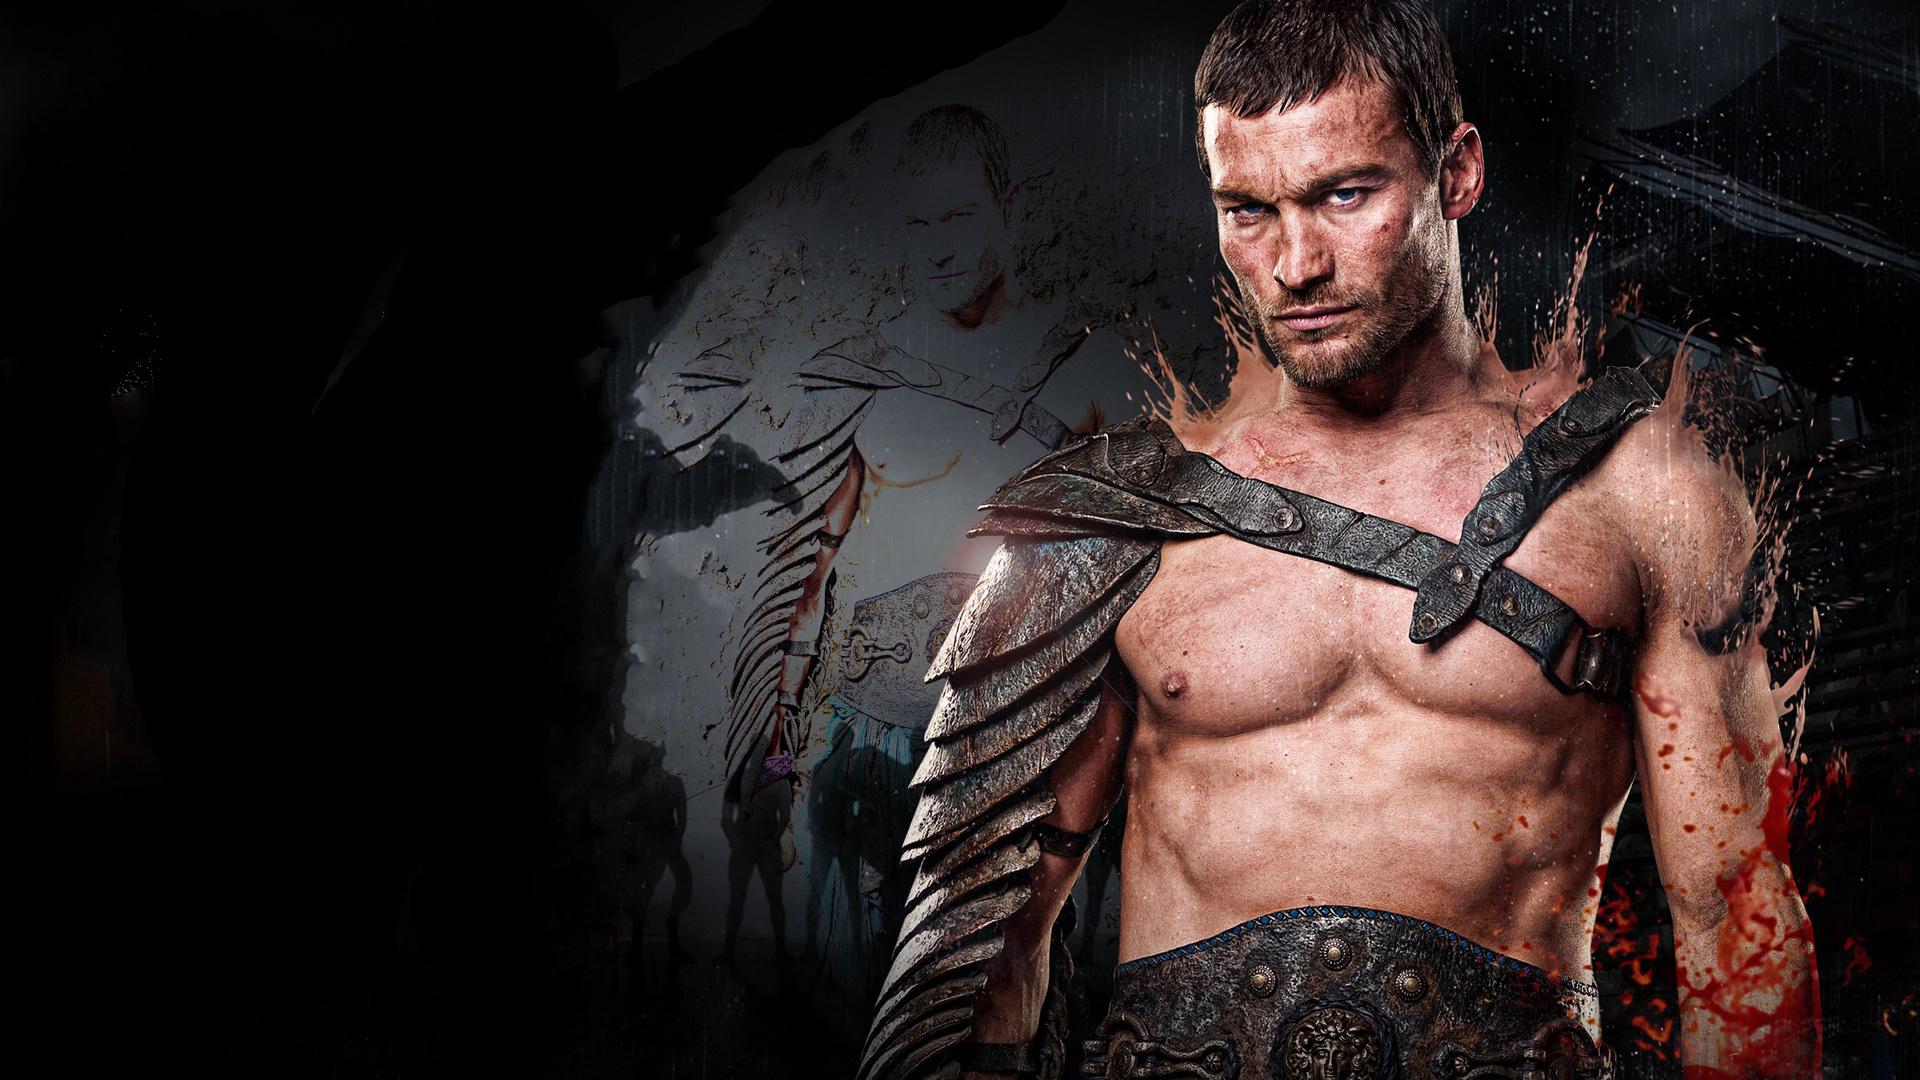 Gladiator Wallpaper, обои для рабочего стола, фильм гладиатор